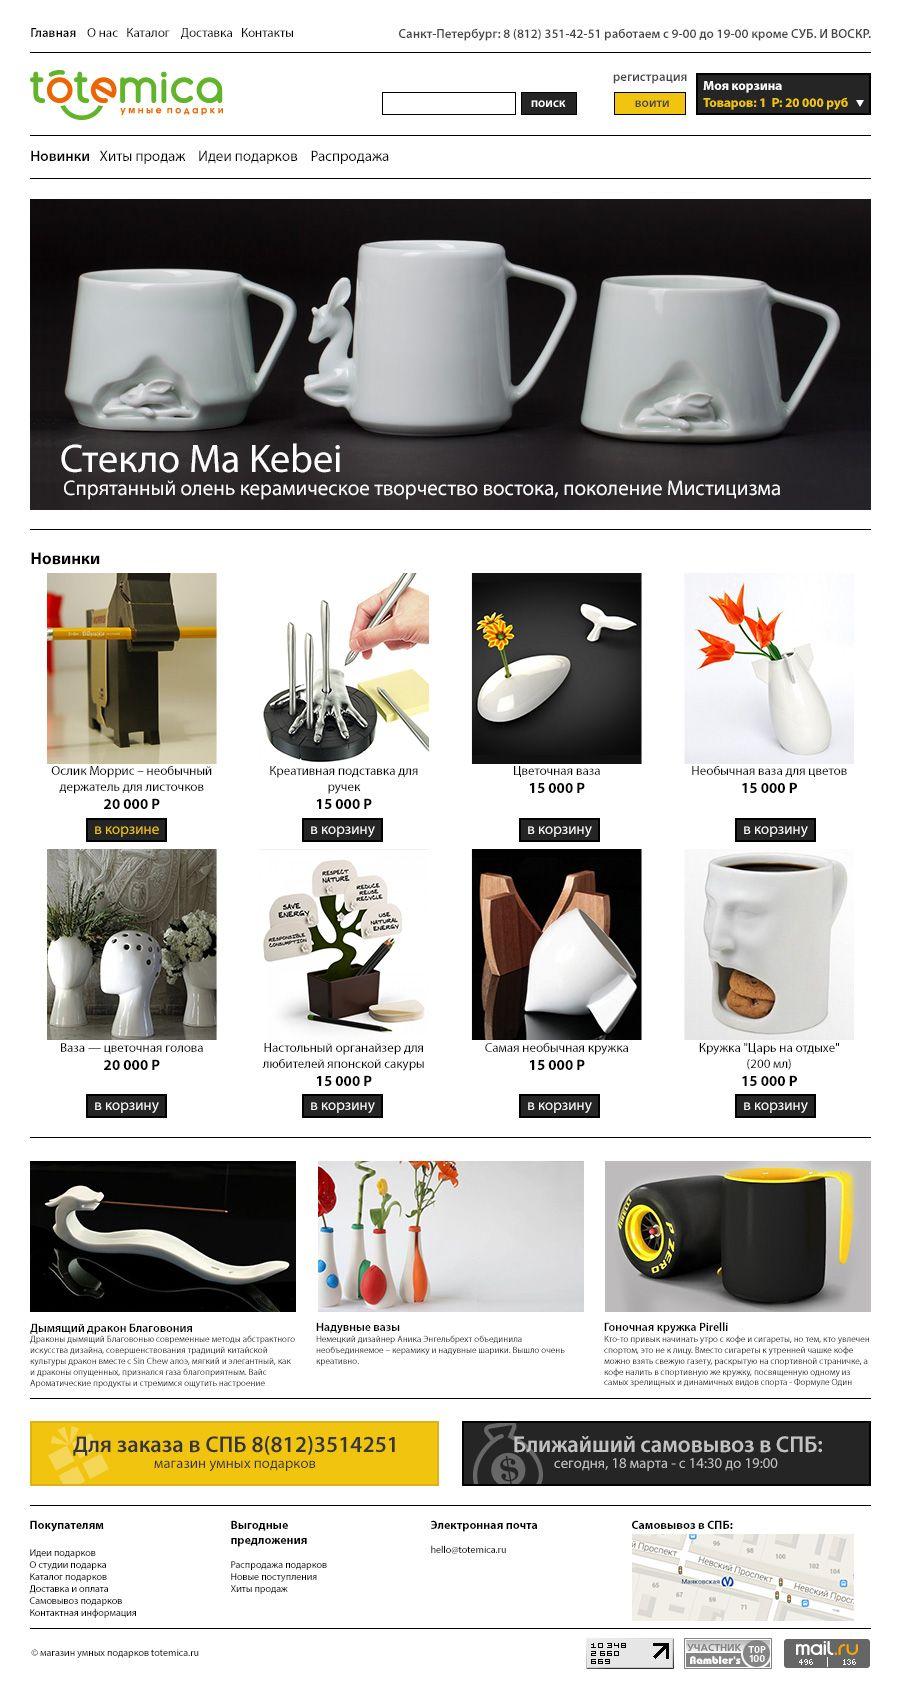 Дизайн сайта интернет магазина - дизайнер christopher